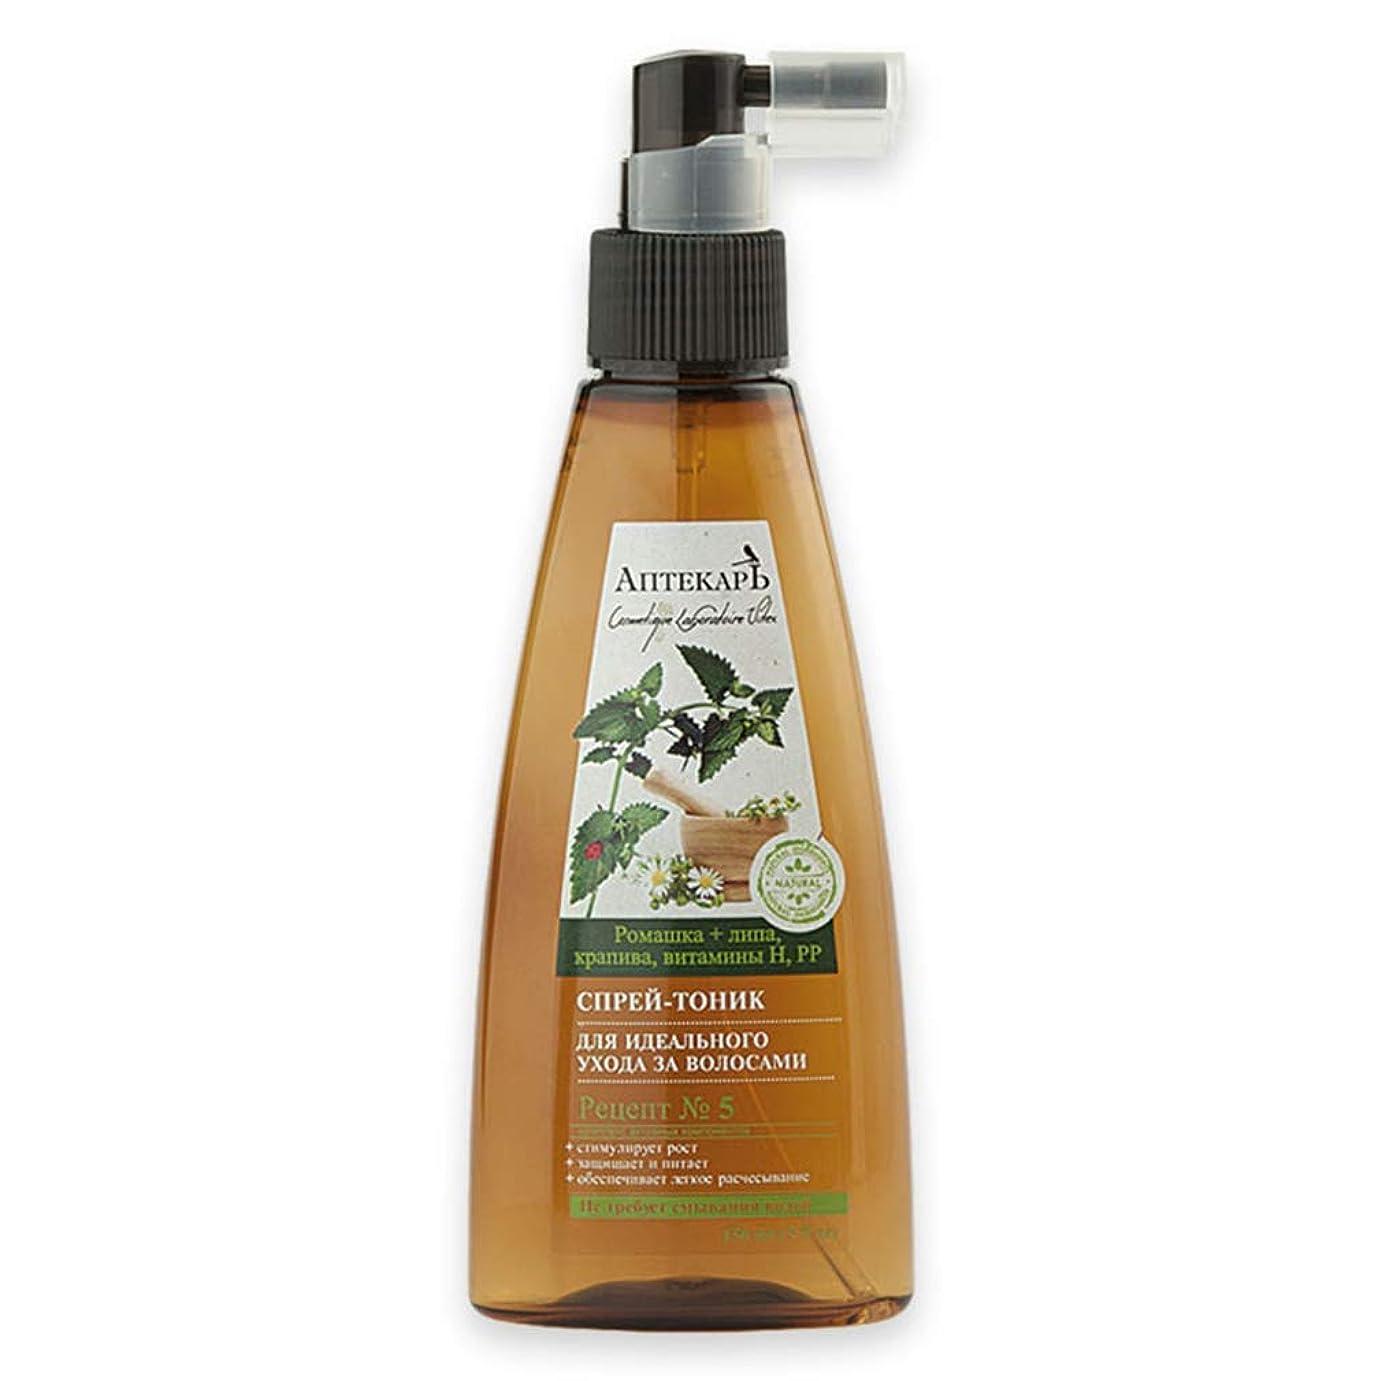 腹痛バクテリアジョージスティーブンソンBielita & Vitex | Chemist Line | Spray tonic for perfect hair care | Chamomile | linden | Nettle | Vitamins H | PP | Recipe number 5 | 150 ml